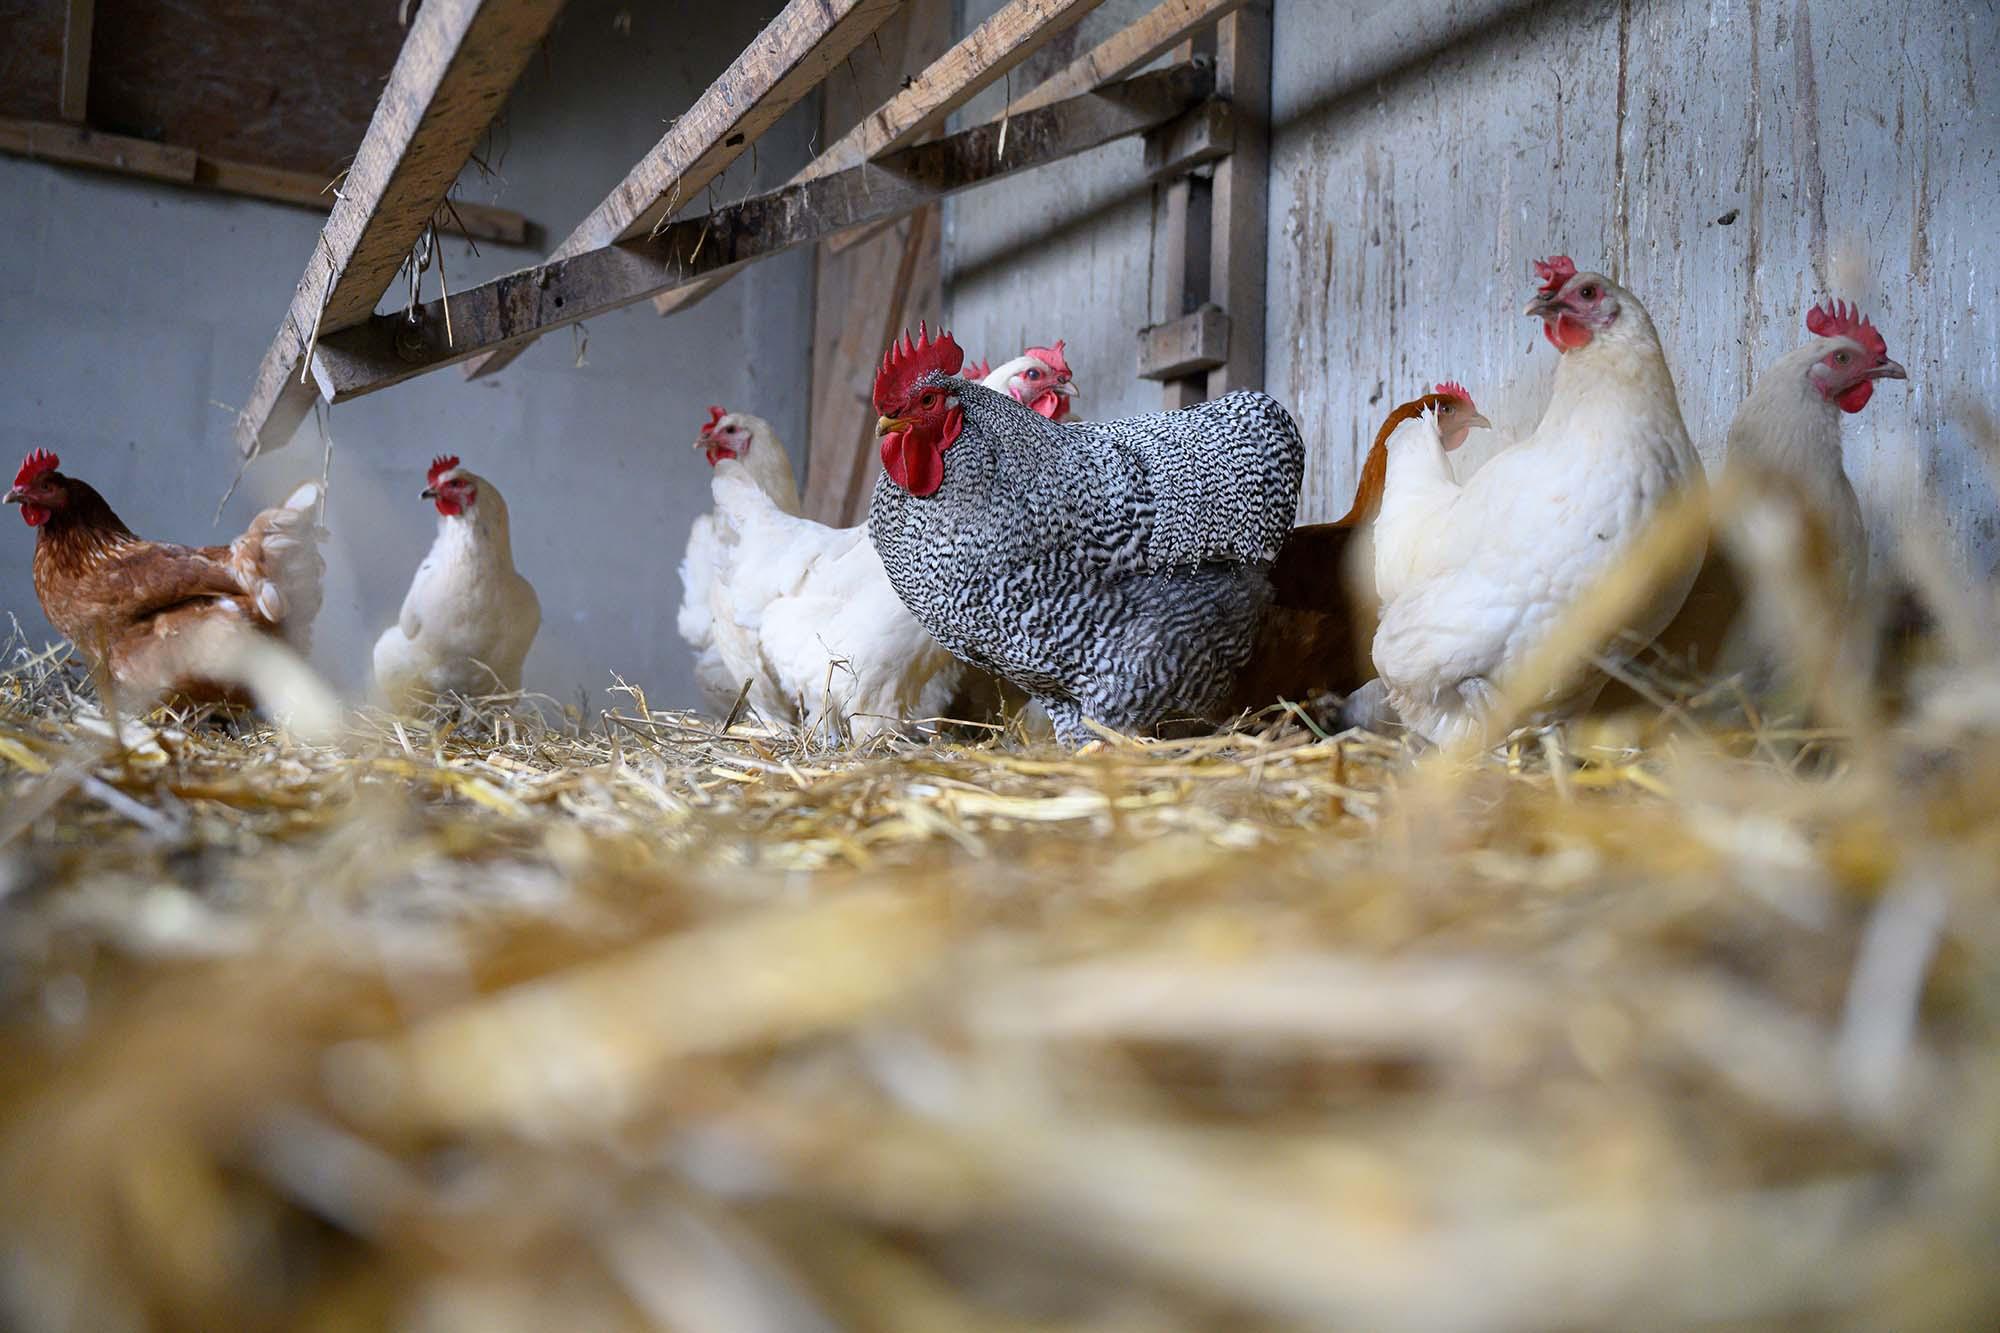 Freilaufende Hühner in ihrem Stall